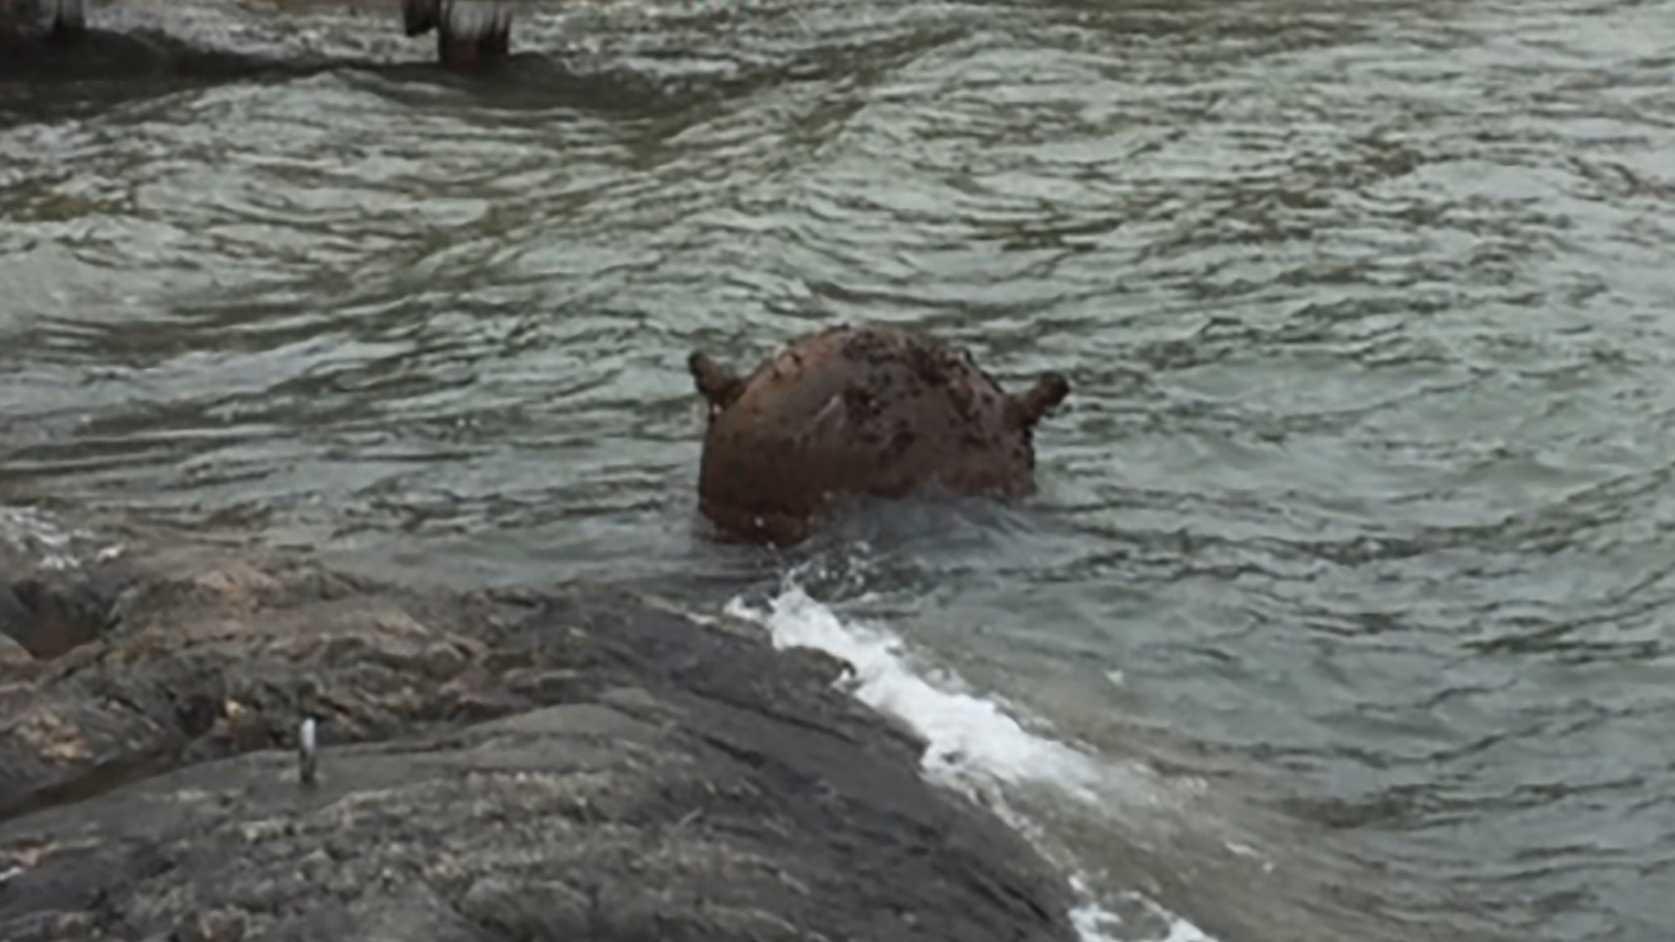 En mina har hittat till havs. Minan på bilden hittades i Stockholms skärgård 2017.